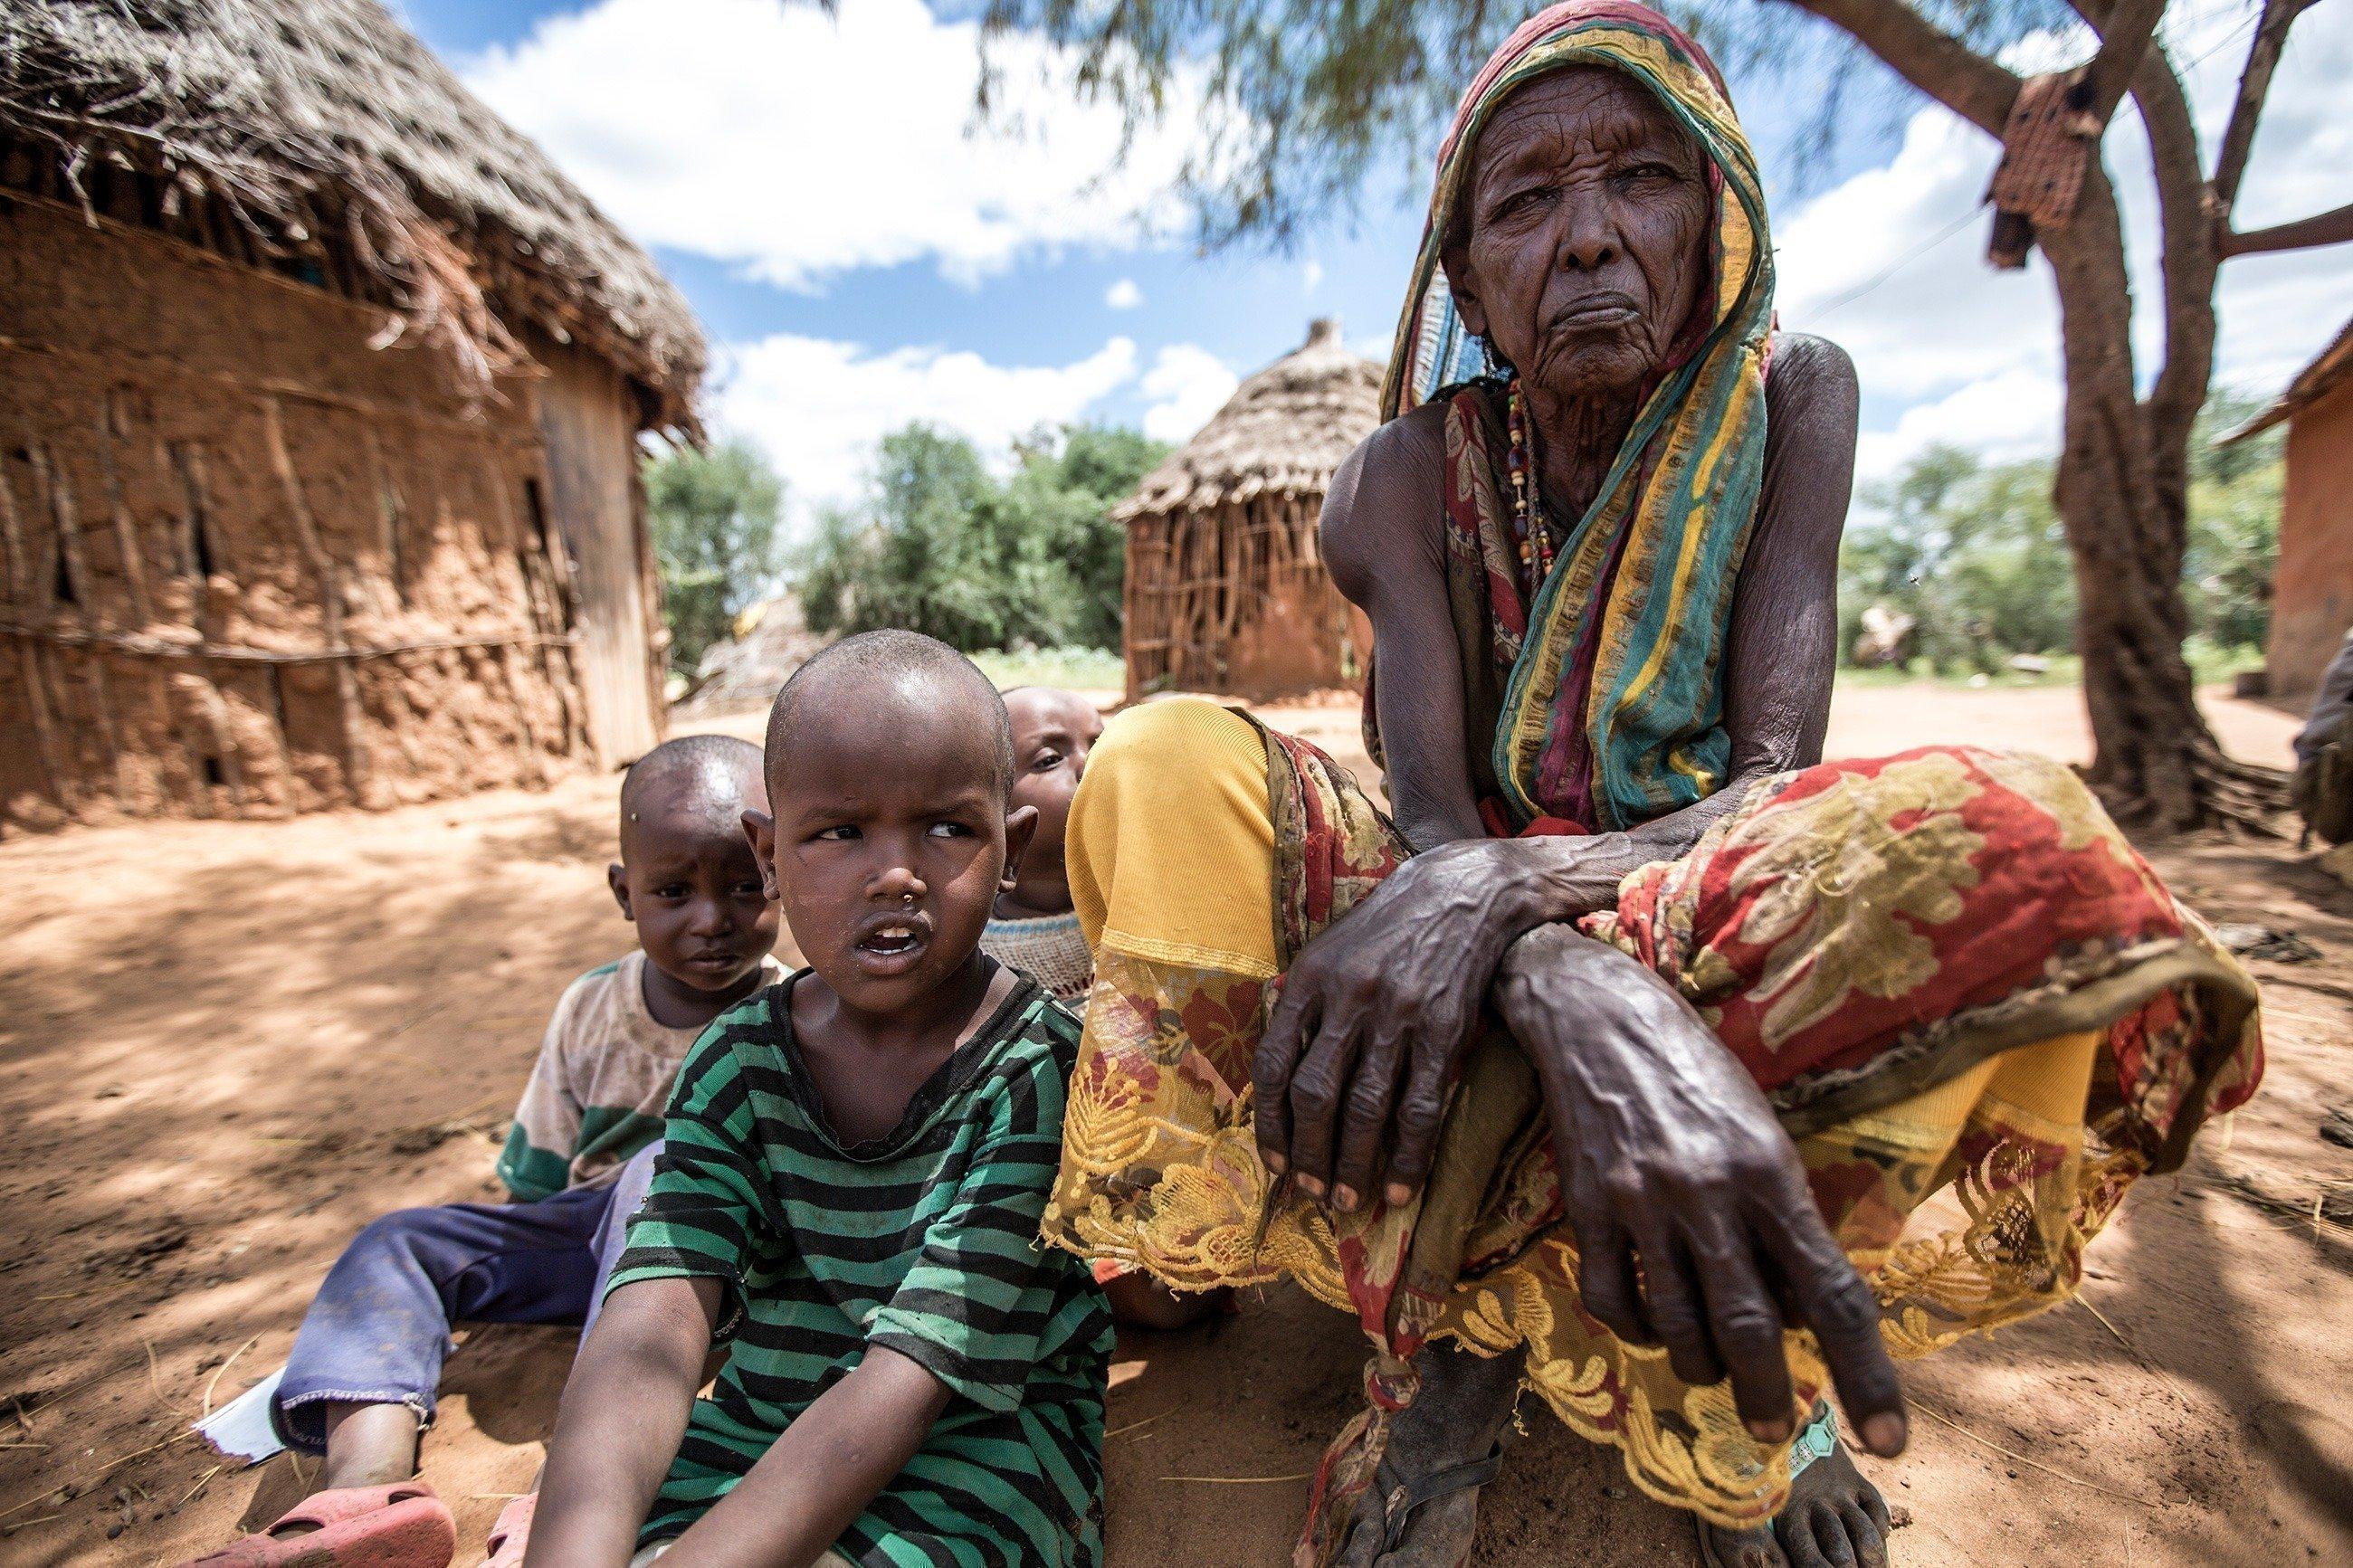 Une femme âgée assise à l'ombre d'un arbre avec deux jeunes enfants.